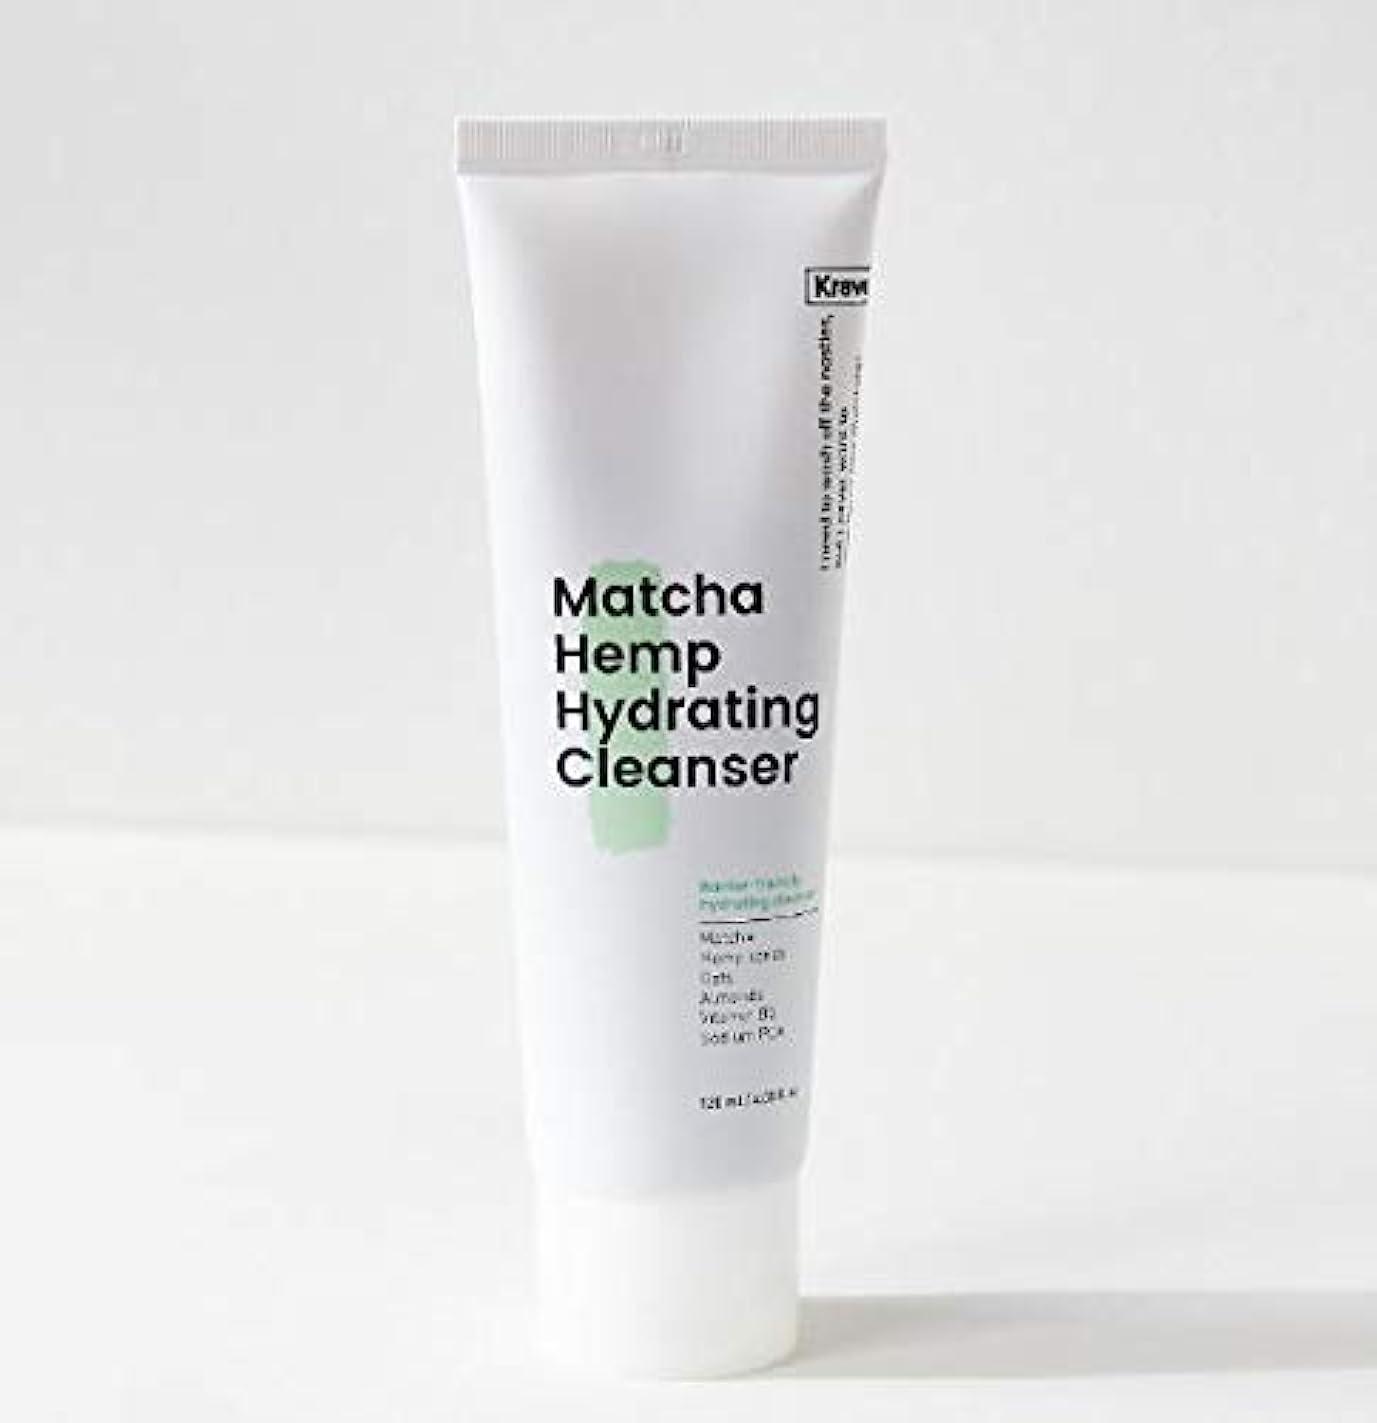 中毒ハチ以前は[Krave] Matcha Hemp Hydrating Cleanser 120ml / 抹茶ハイドレイティングクレンザー120ml [並行輸入品]